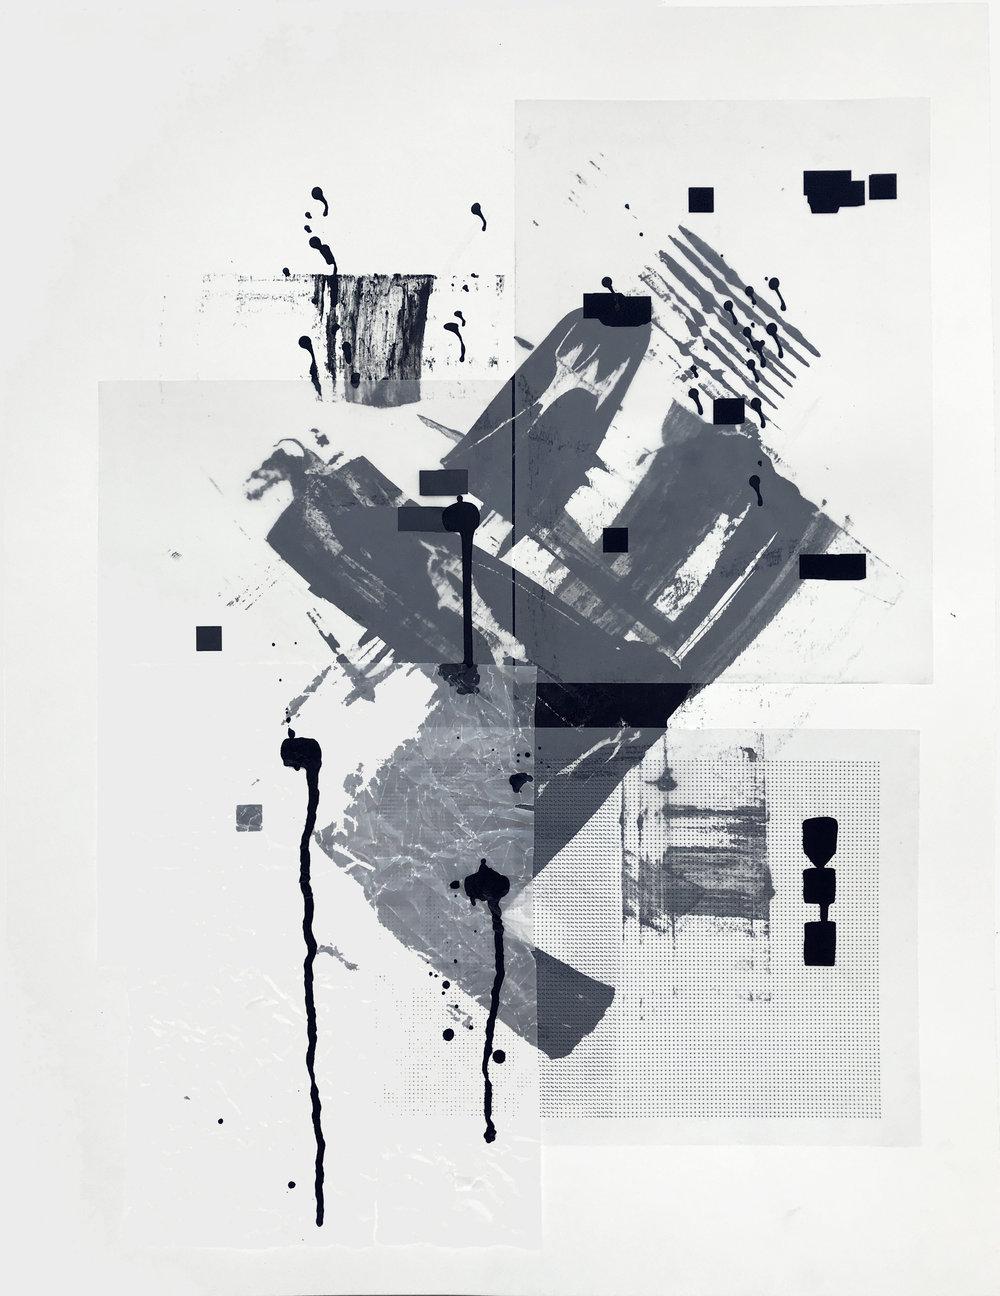 %22Detrás del espejo _ 17%22 - Técnica mixta sobre papel - 65 x 50 cm - Julián Brangold - 2018.jpg